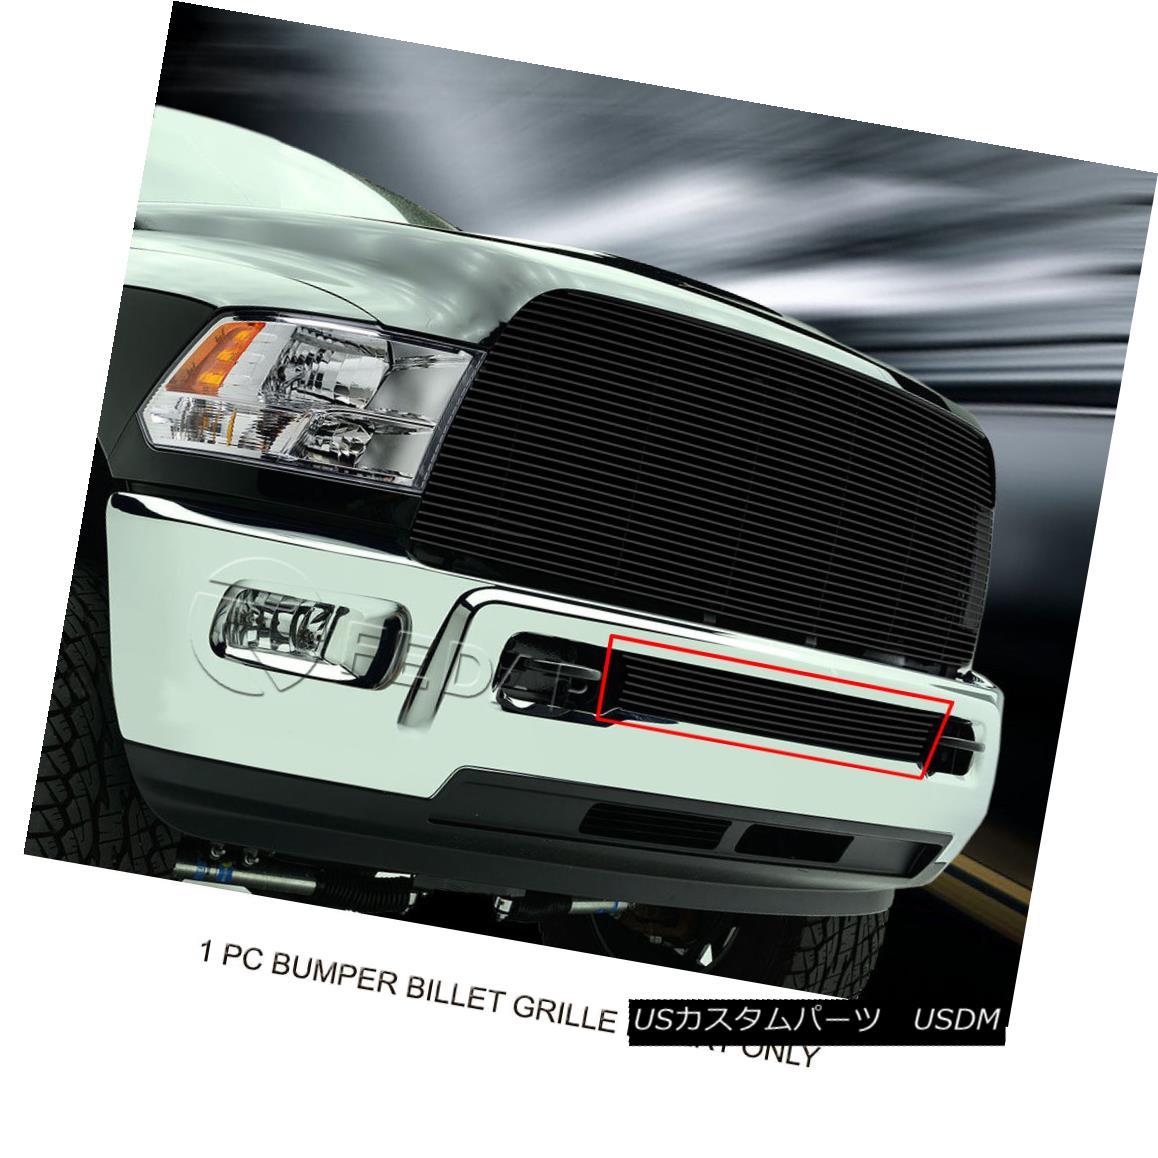 グリル Fedar Fits 2013-2017 Dodge Ram 2500/3500 Black Bumper Billet Grille Insert Fedar Fitting 2013-2017 Dodge Ram 2500/3500 Black Bumper Billet Grille Insert